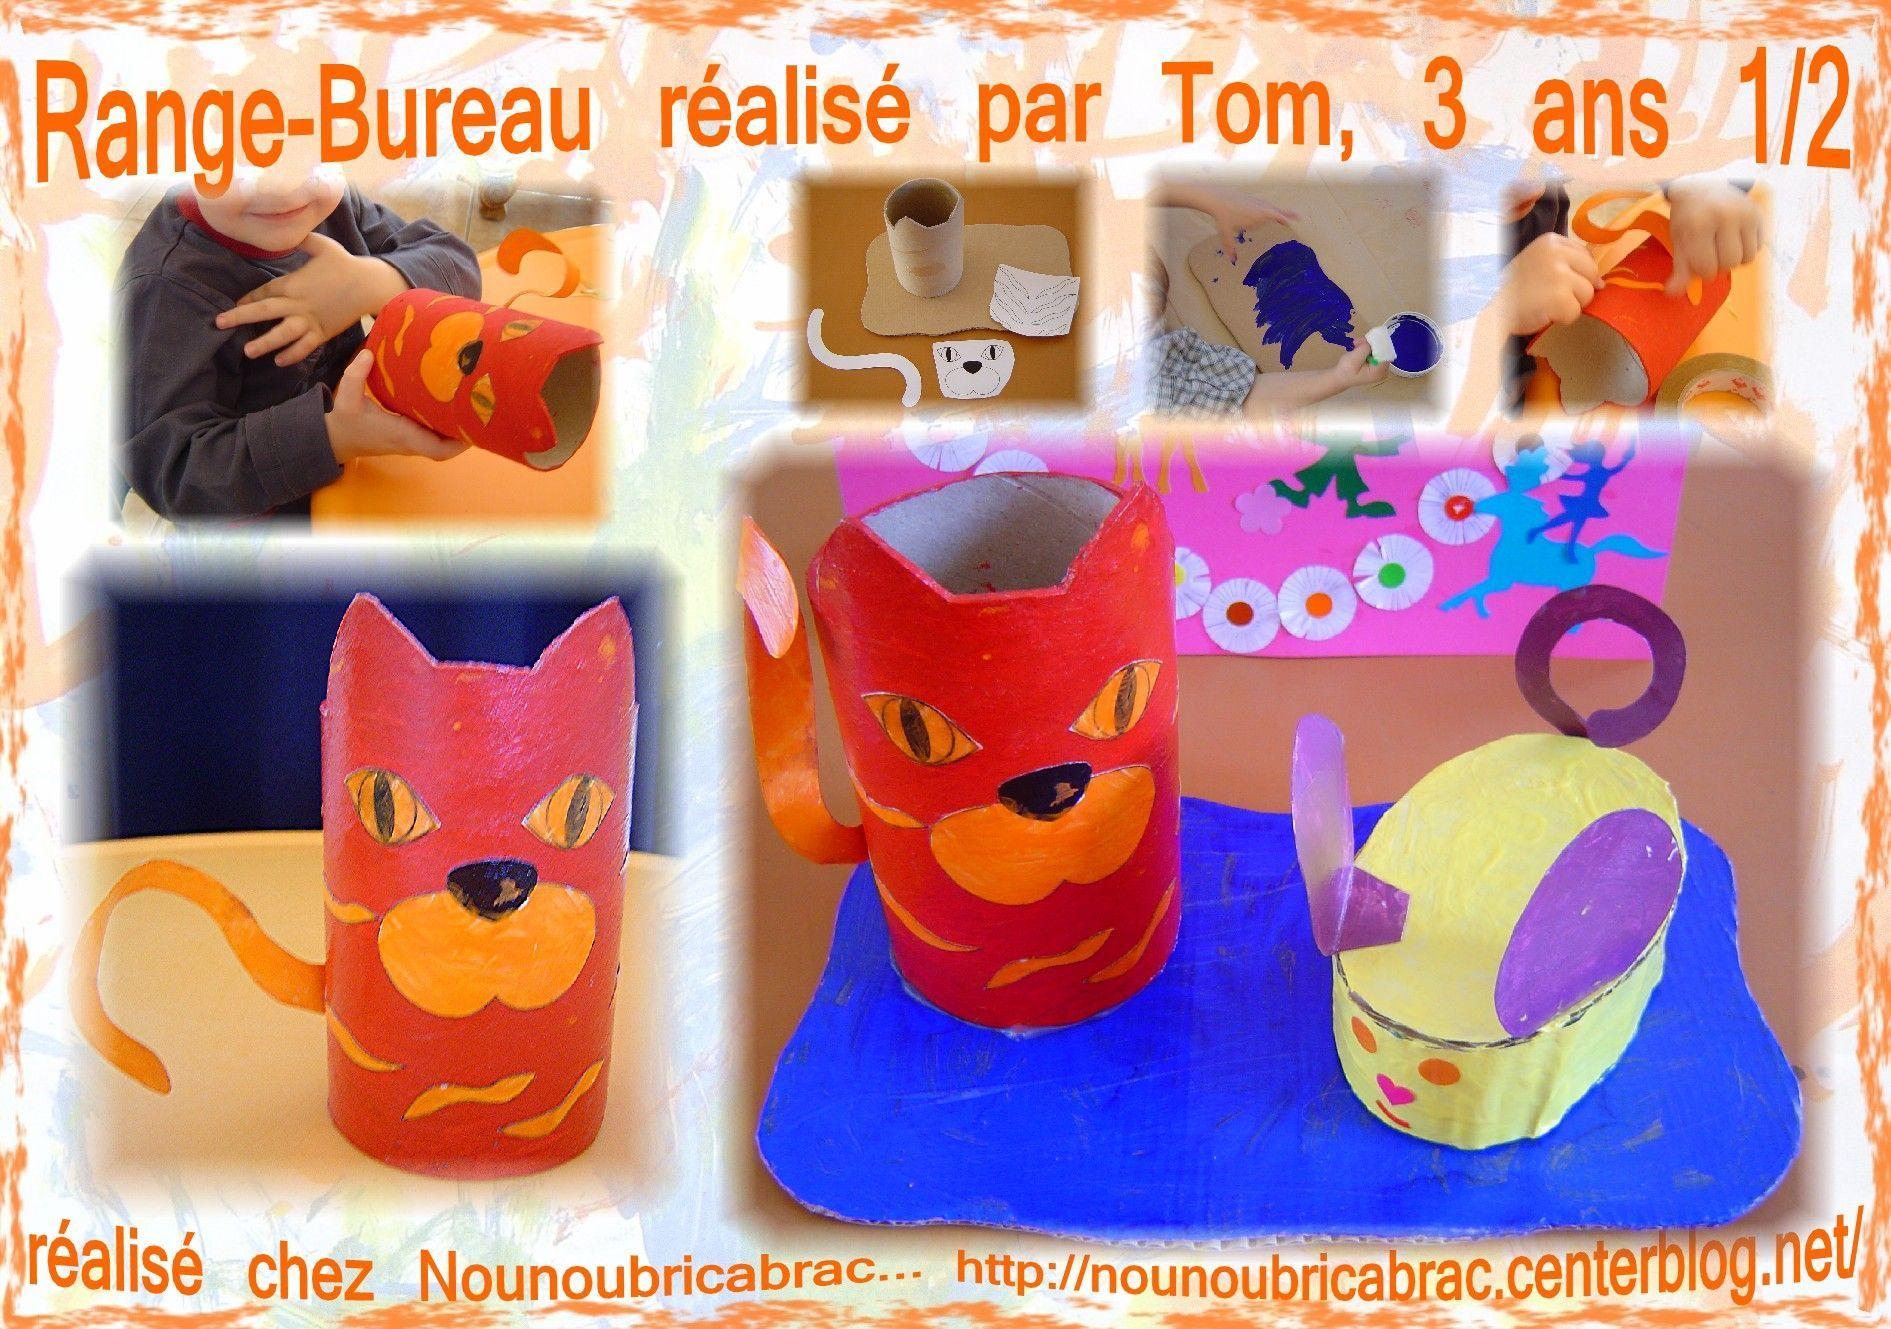 Chat Porte-Crayons et Range Bureau... réalisé par Tom, 3 ans 1/2